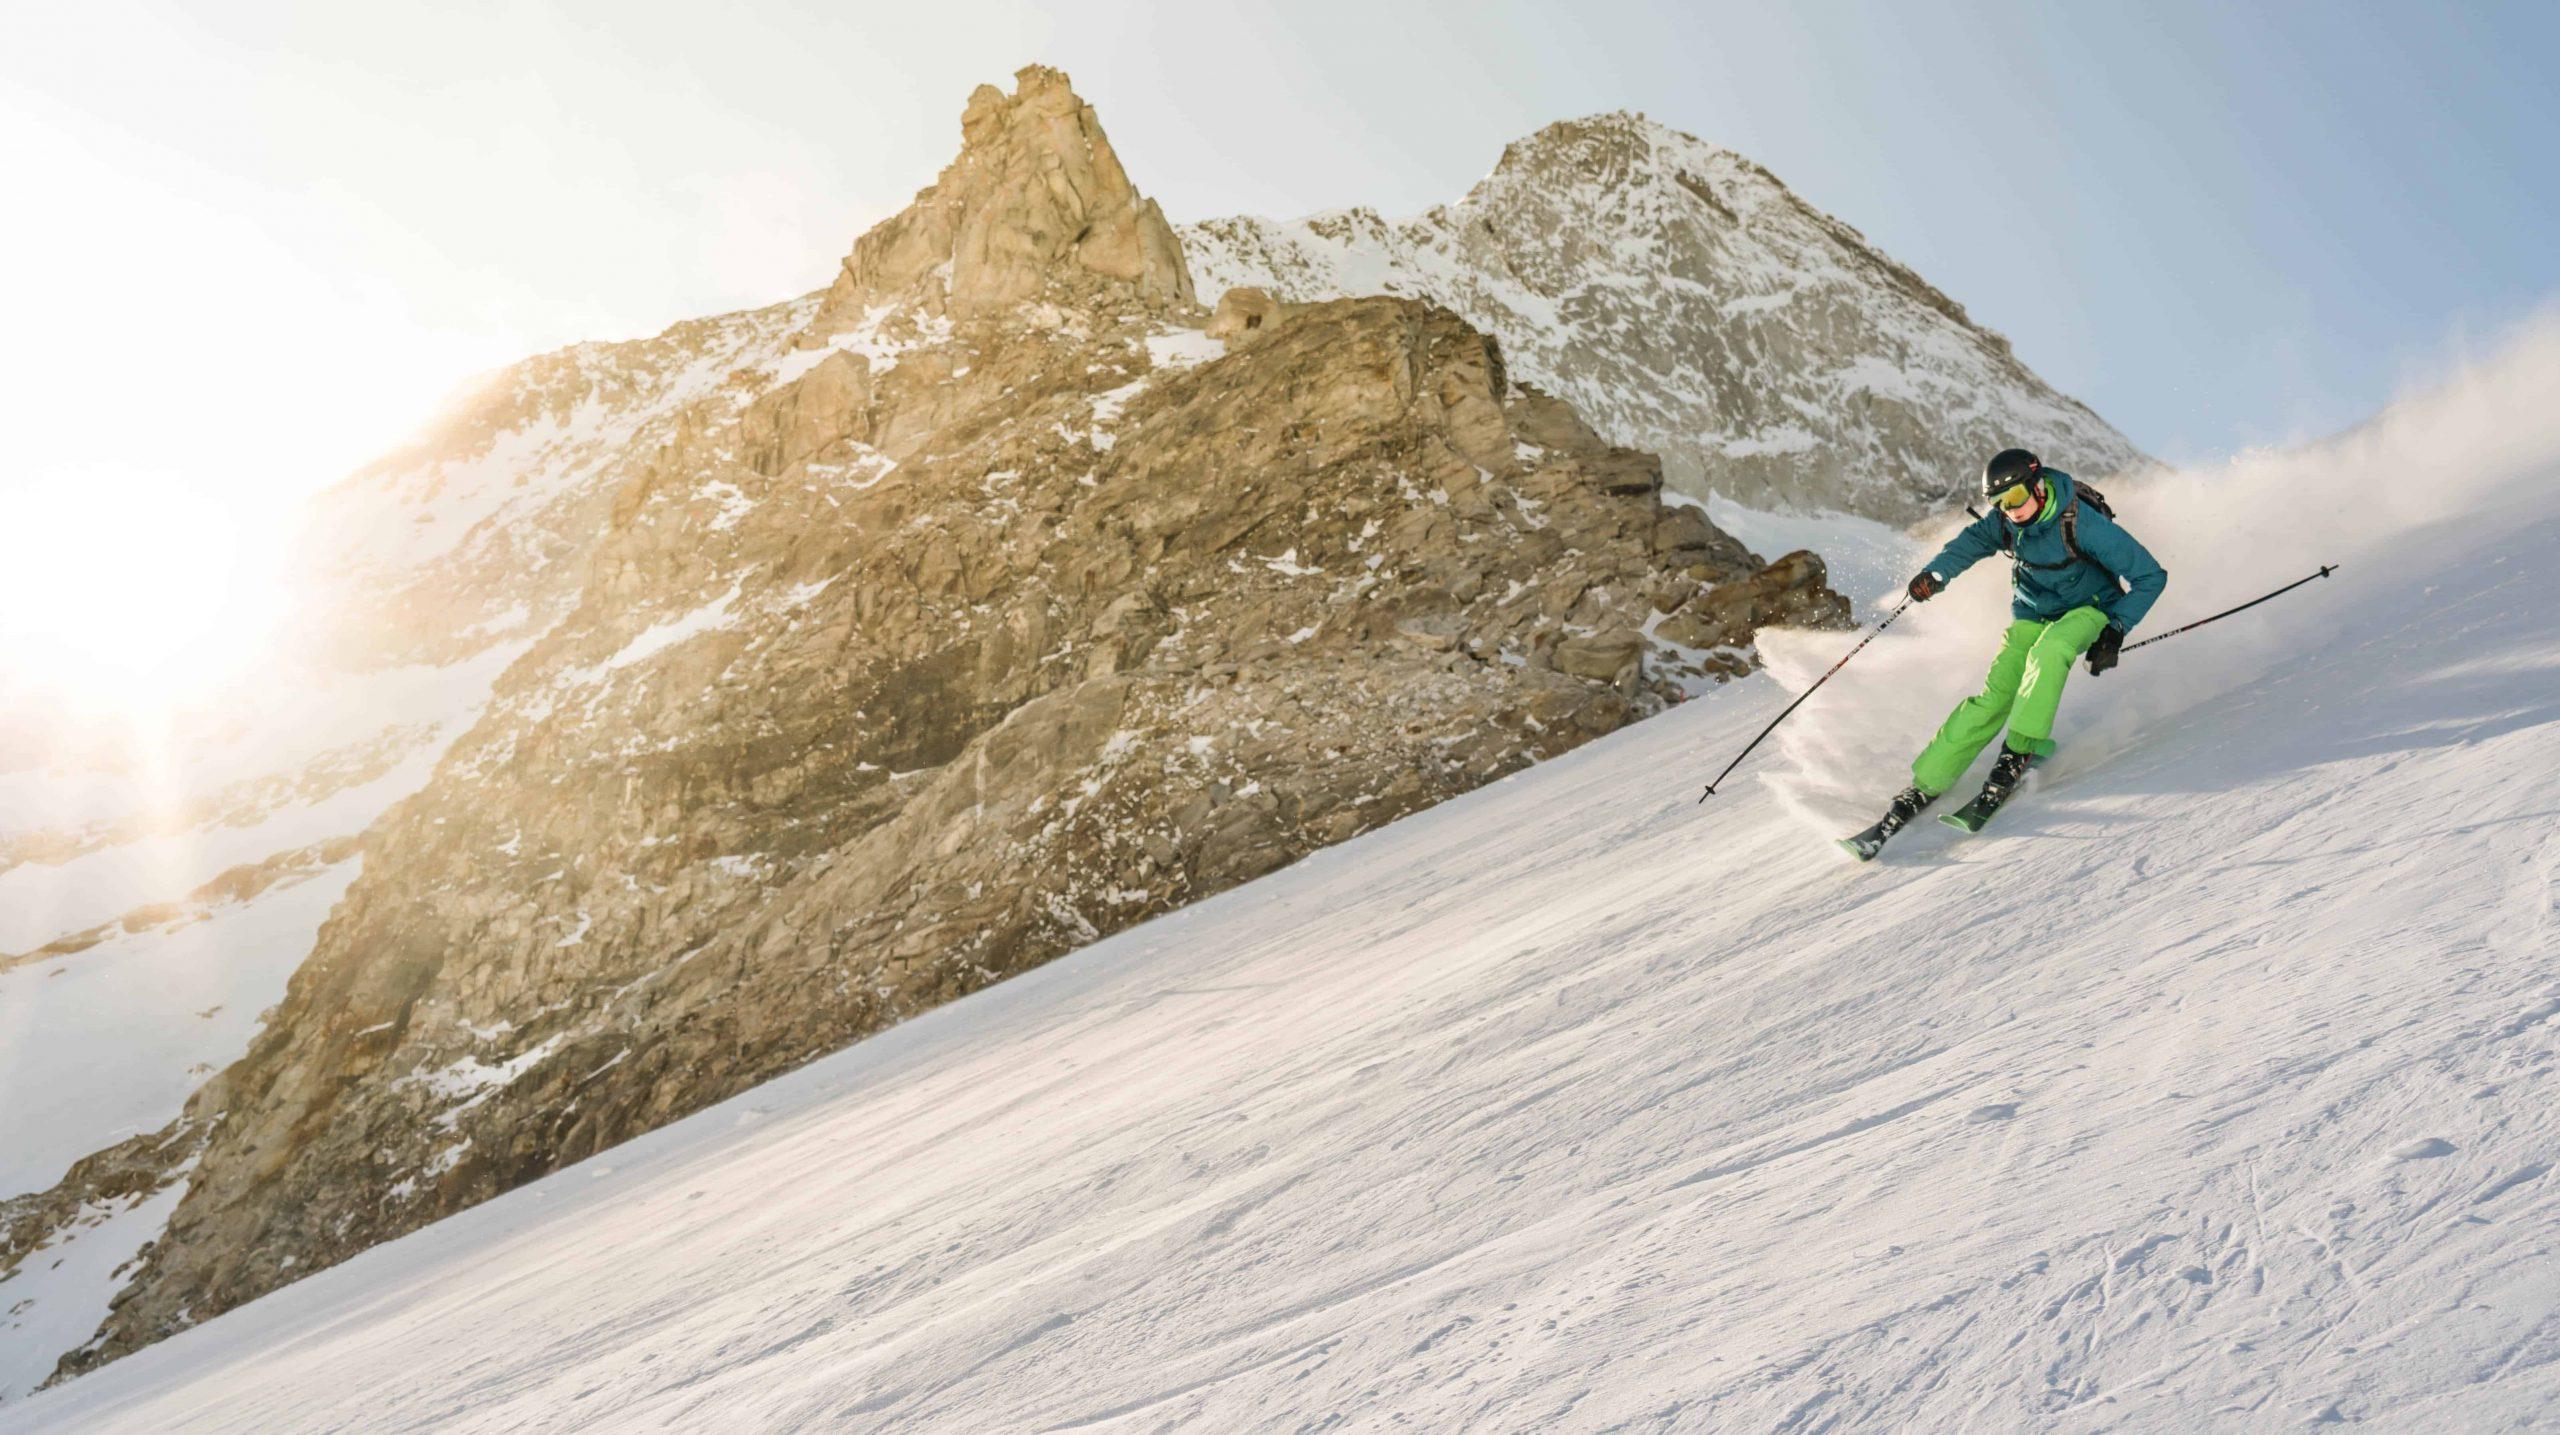 Skijacke: Test & Empfehlungen (07/20)